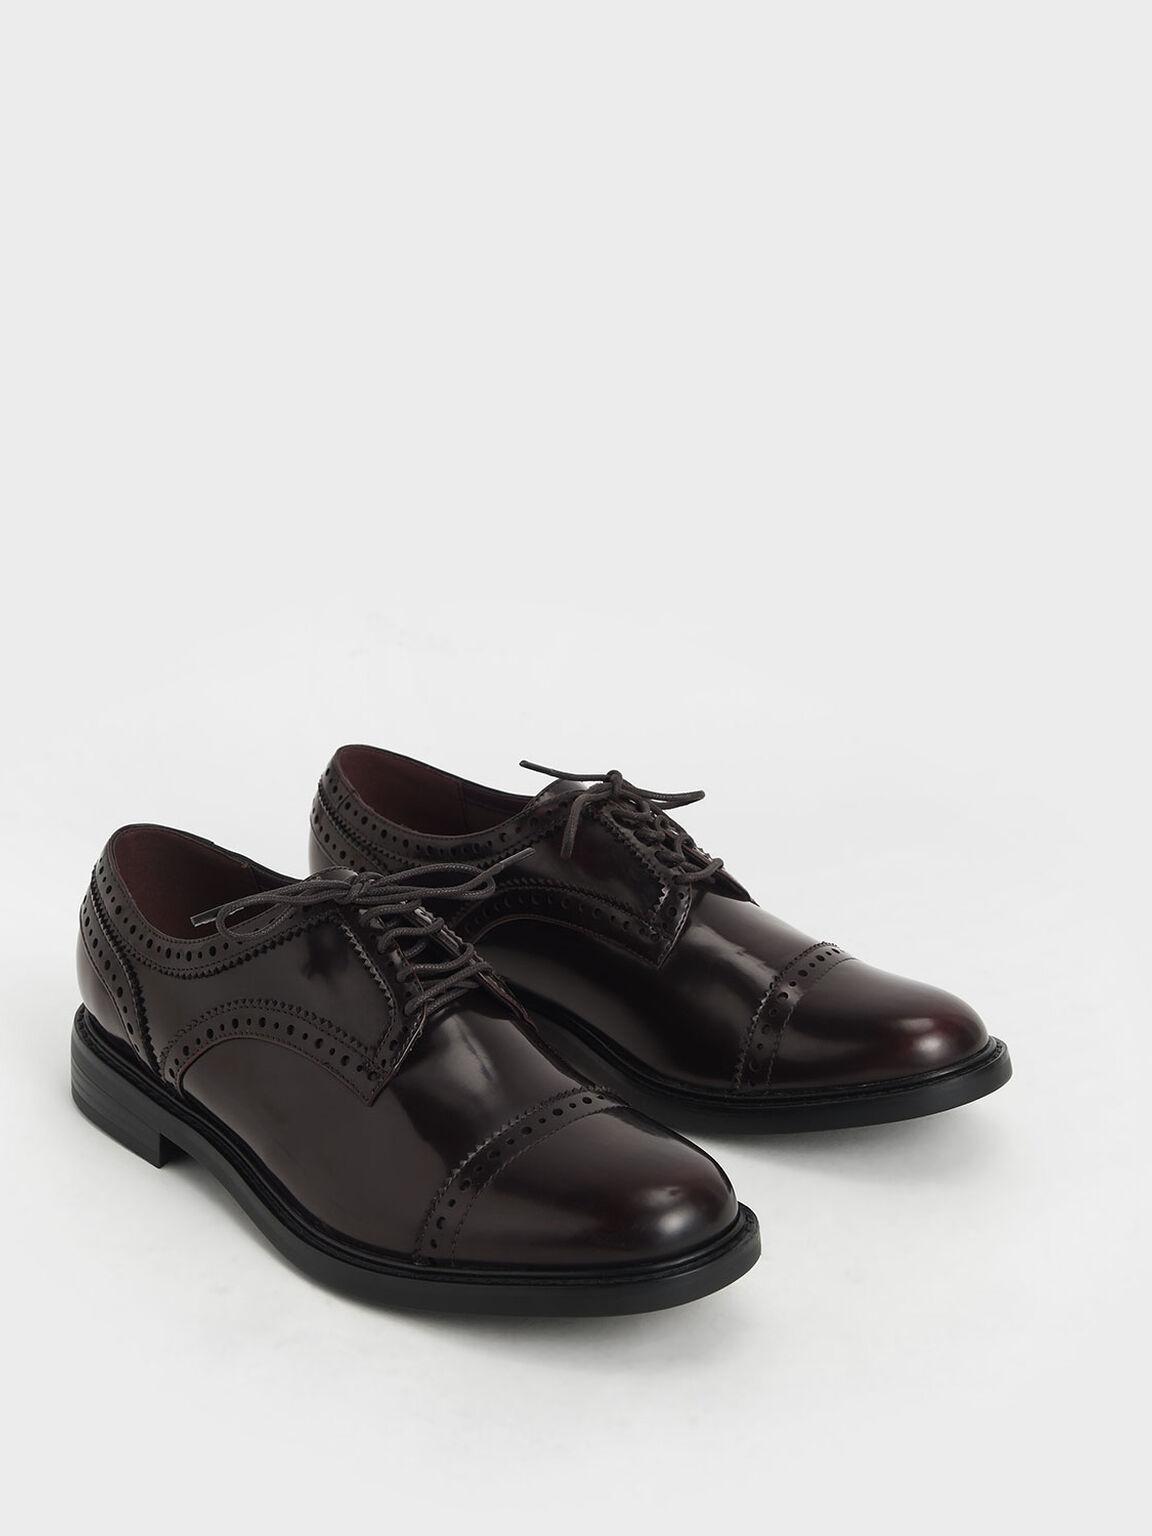 Classic Brogue Shoes, Burgundy, hi-res